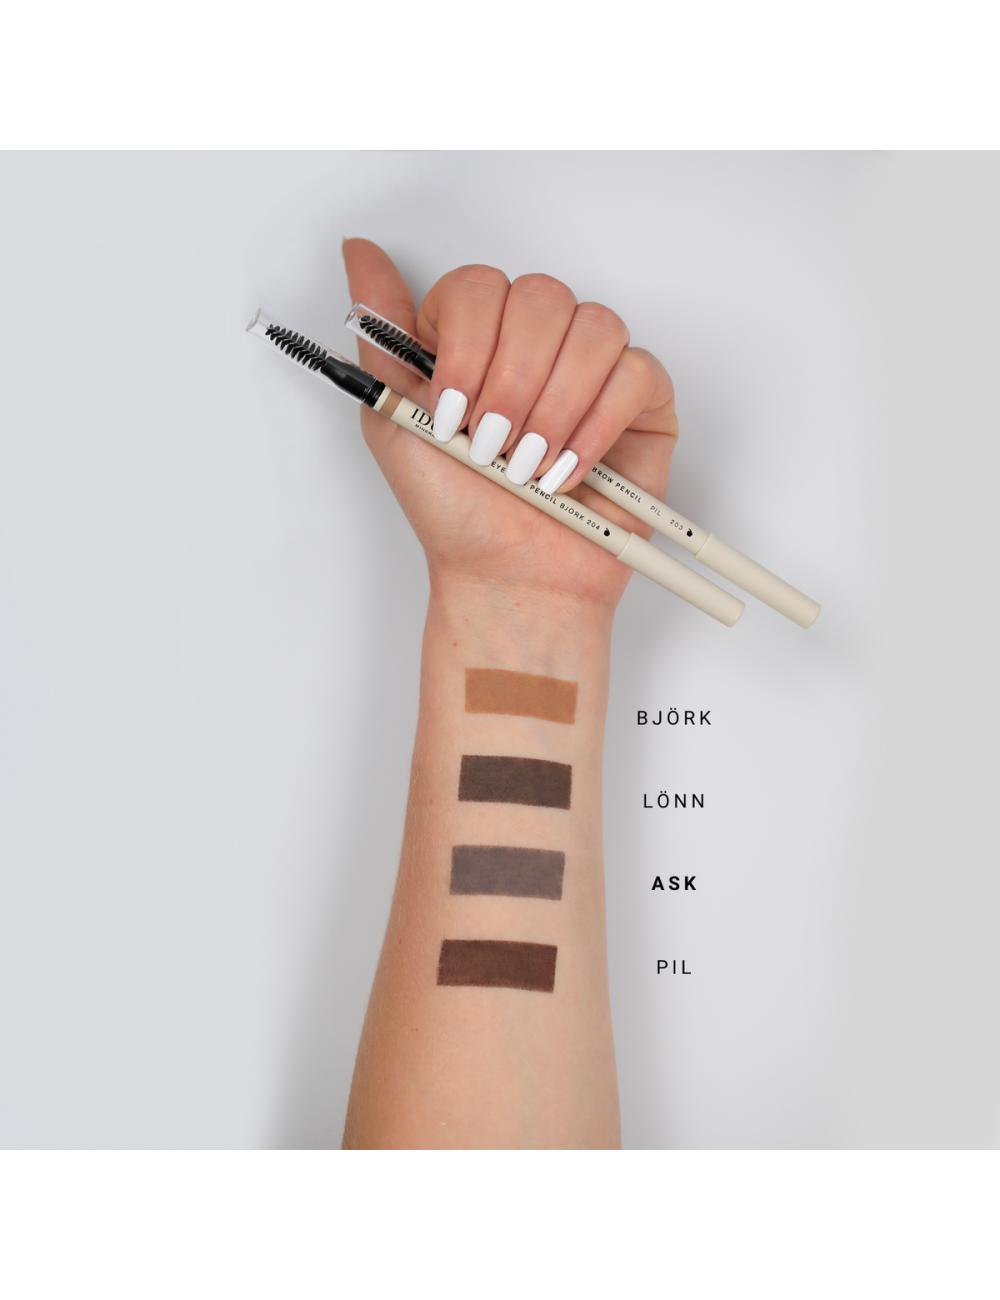 Kozmetika-Moja.Si NOAH 1.7 šampon za krepitev moči las s črnim poprom in peperminom, za tanke lase